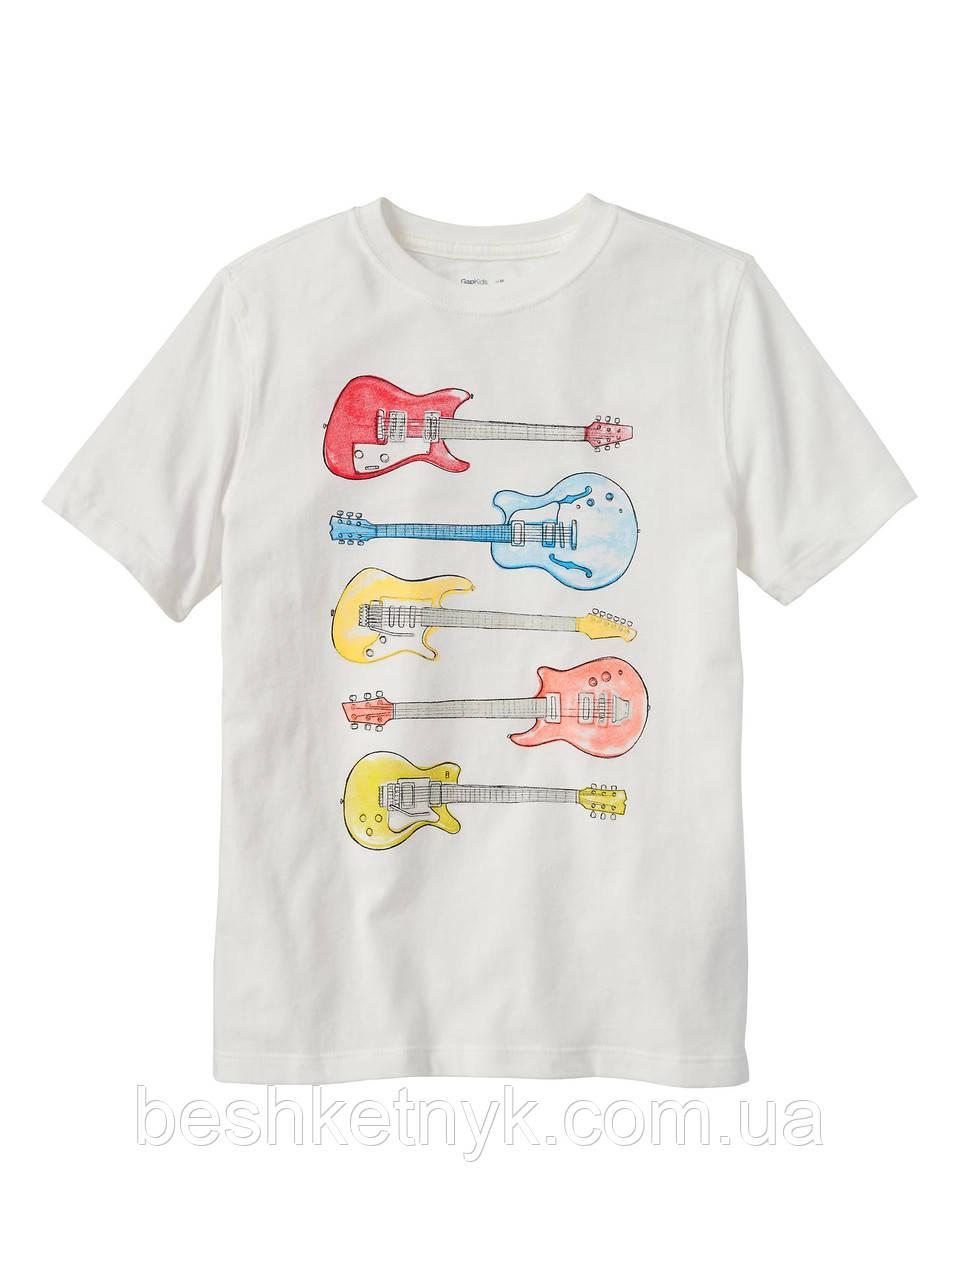 Футболка з гітарами